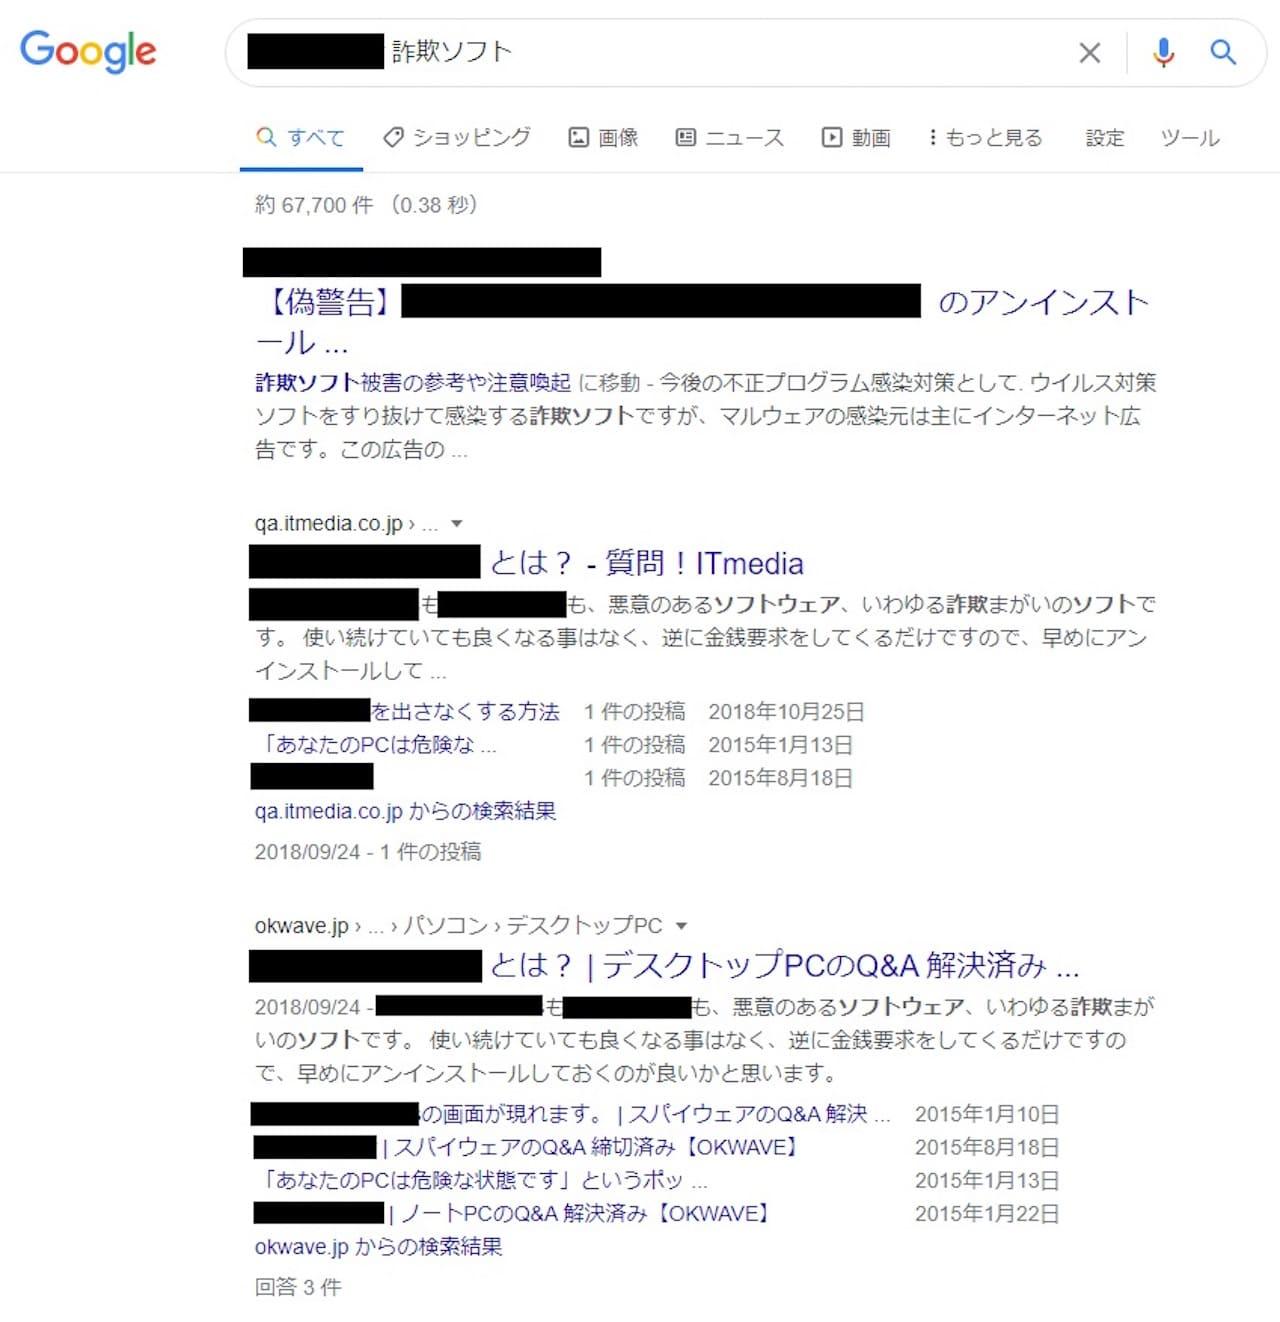 詐欺ソフト名で検索した結果②